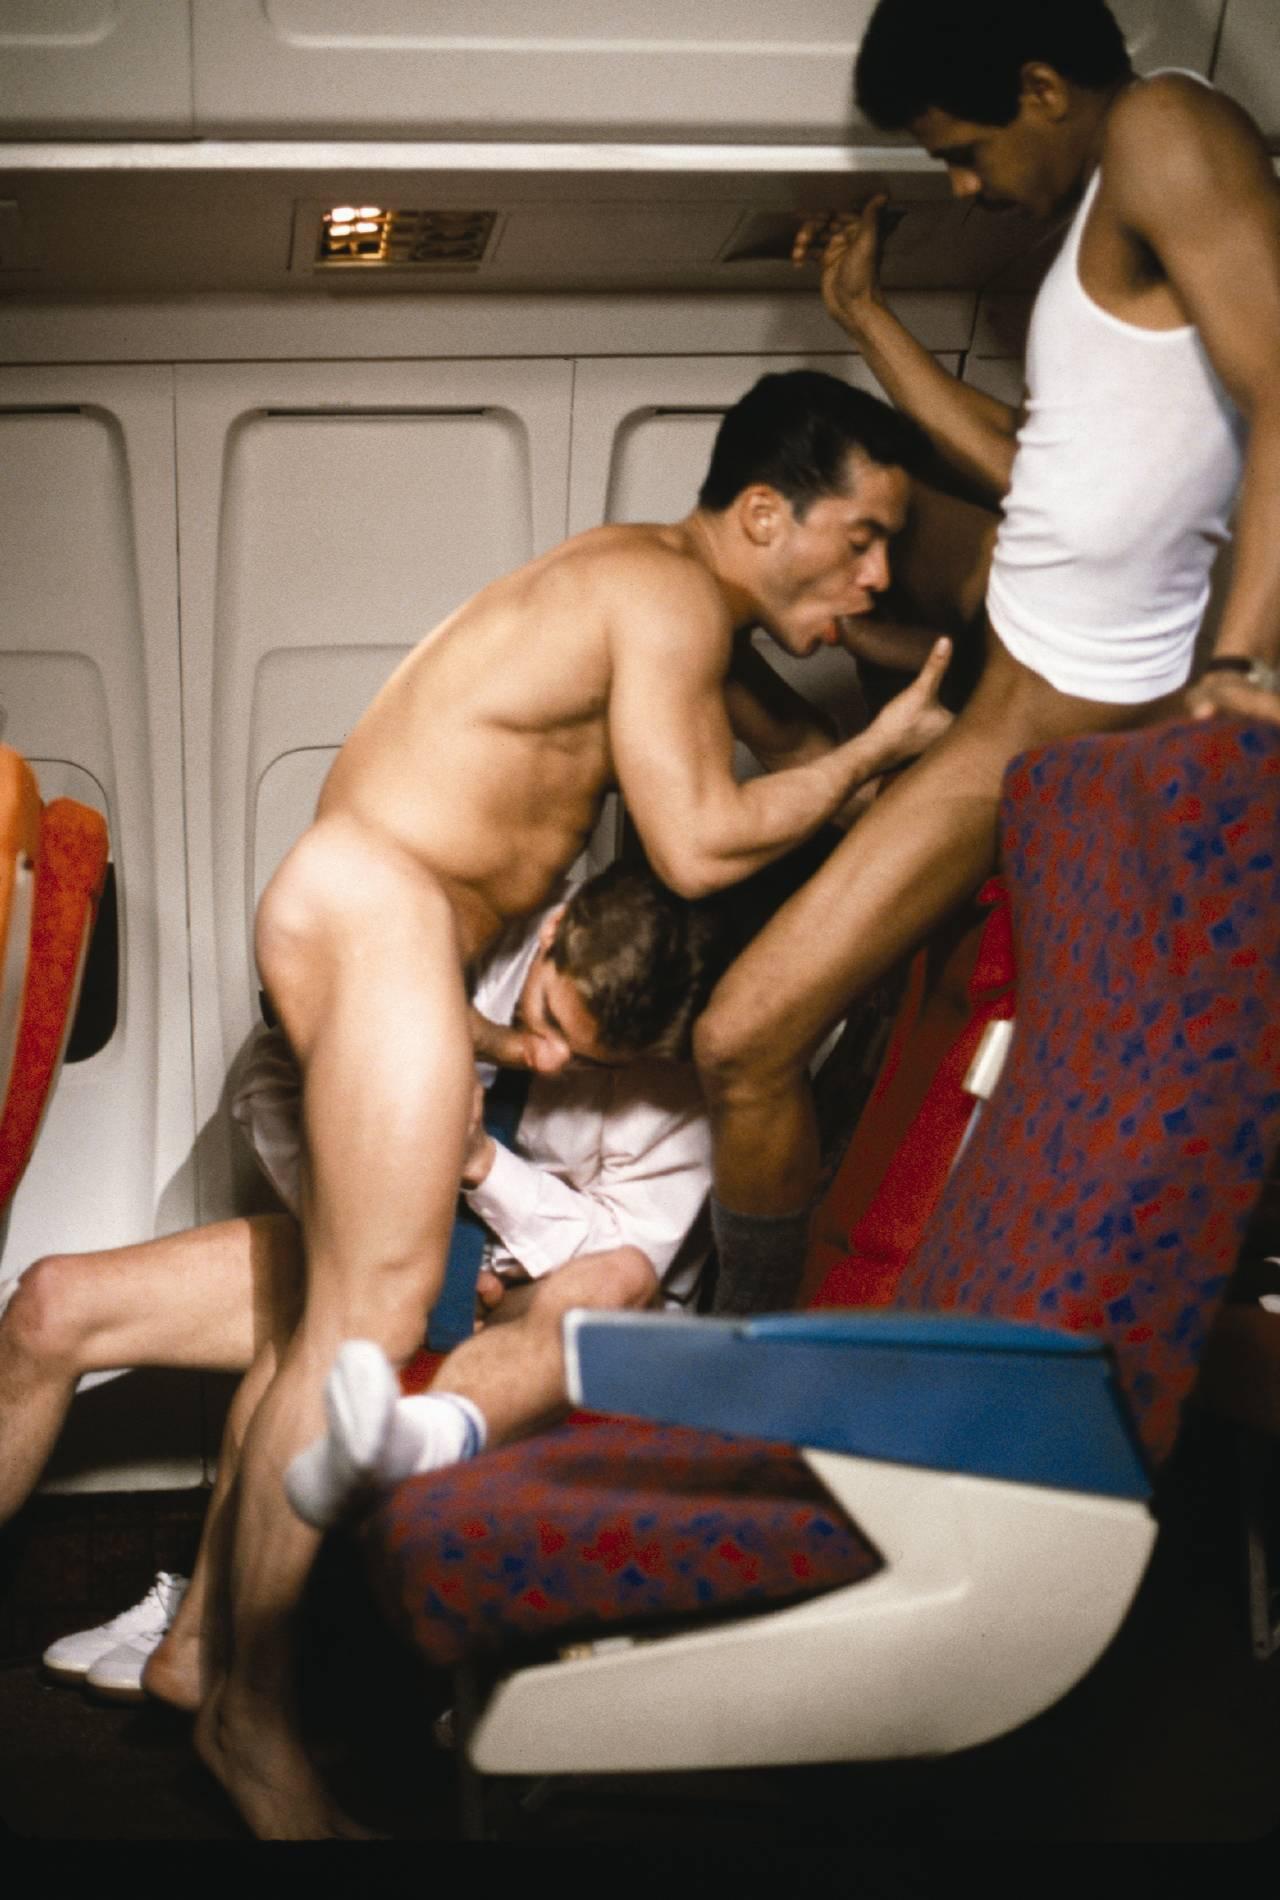 New Sex Porn Scenes New Released Porno Scene New Porno DVDs